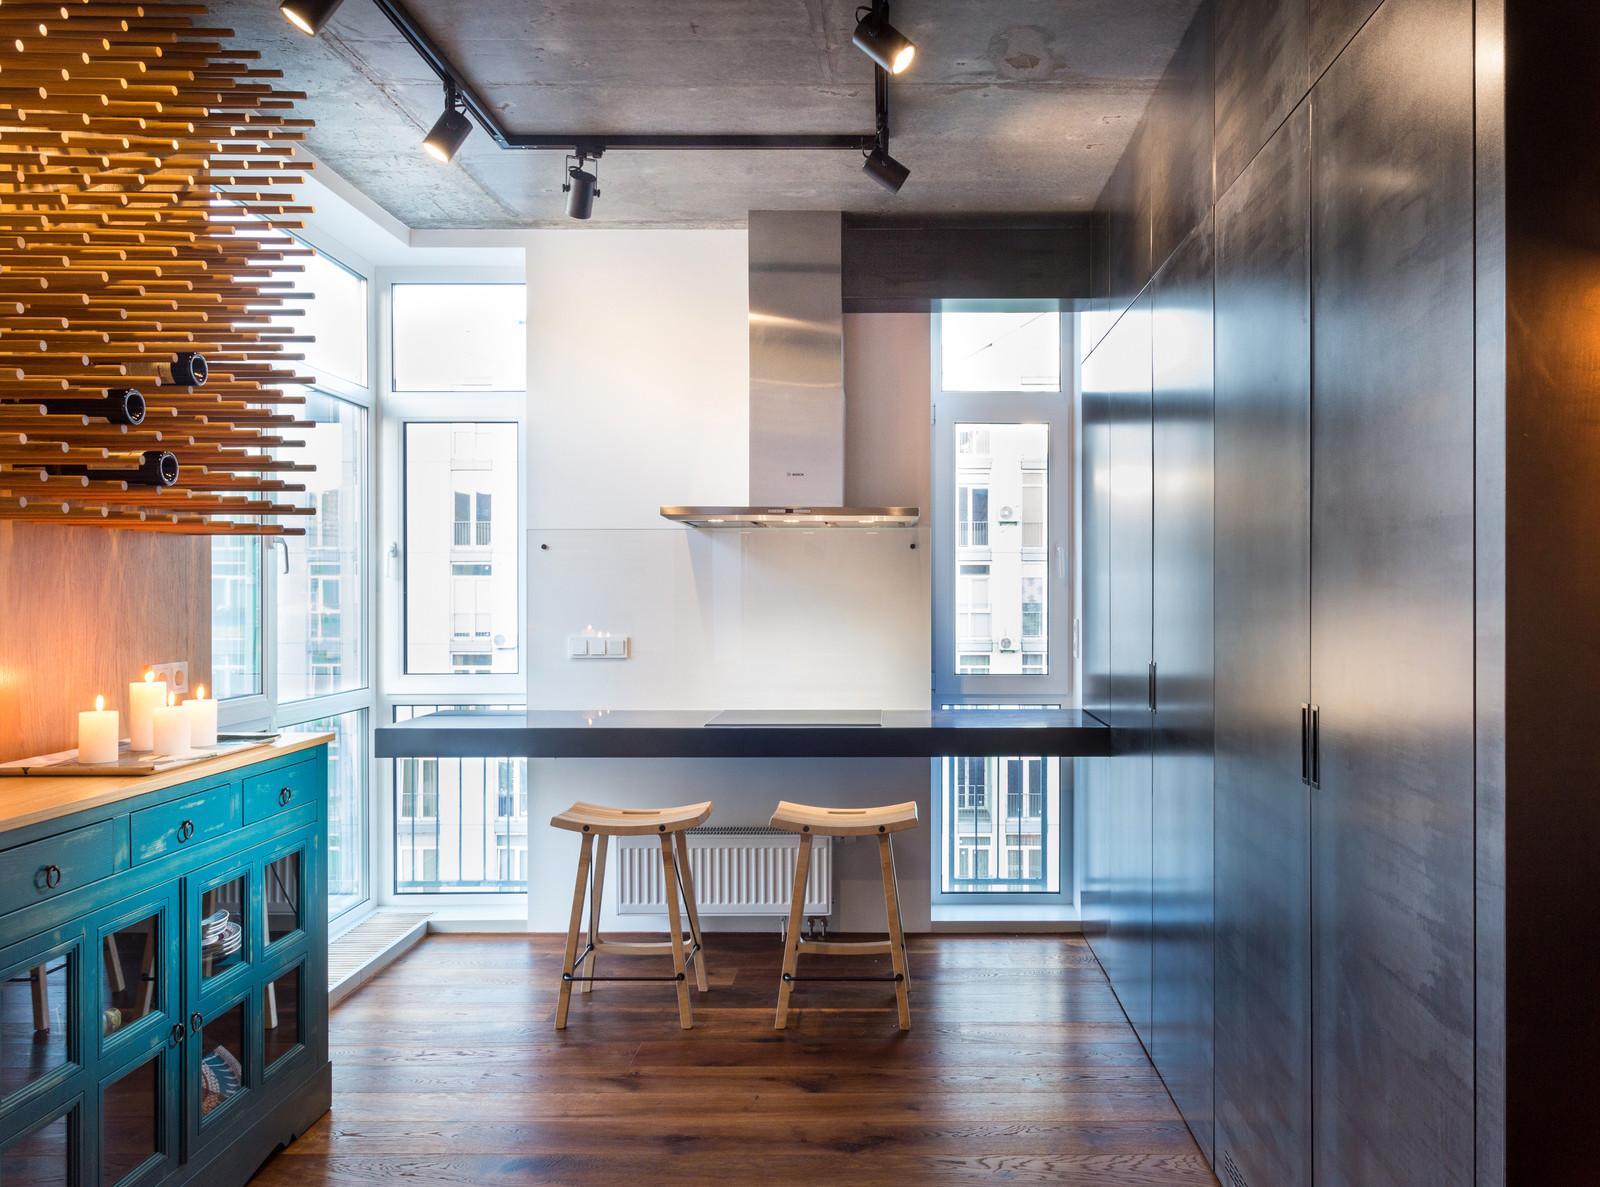 Apartment-design-just3ds.com-7